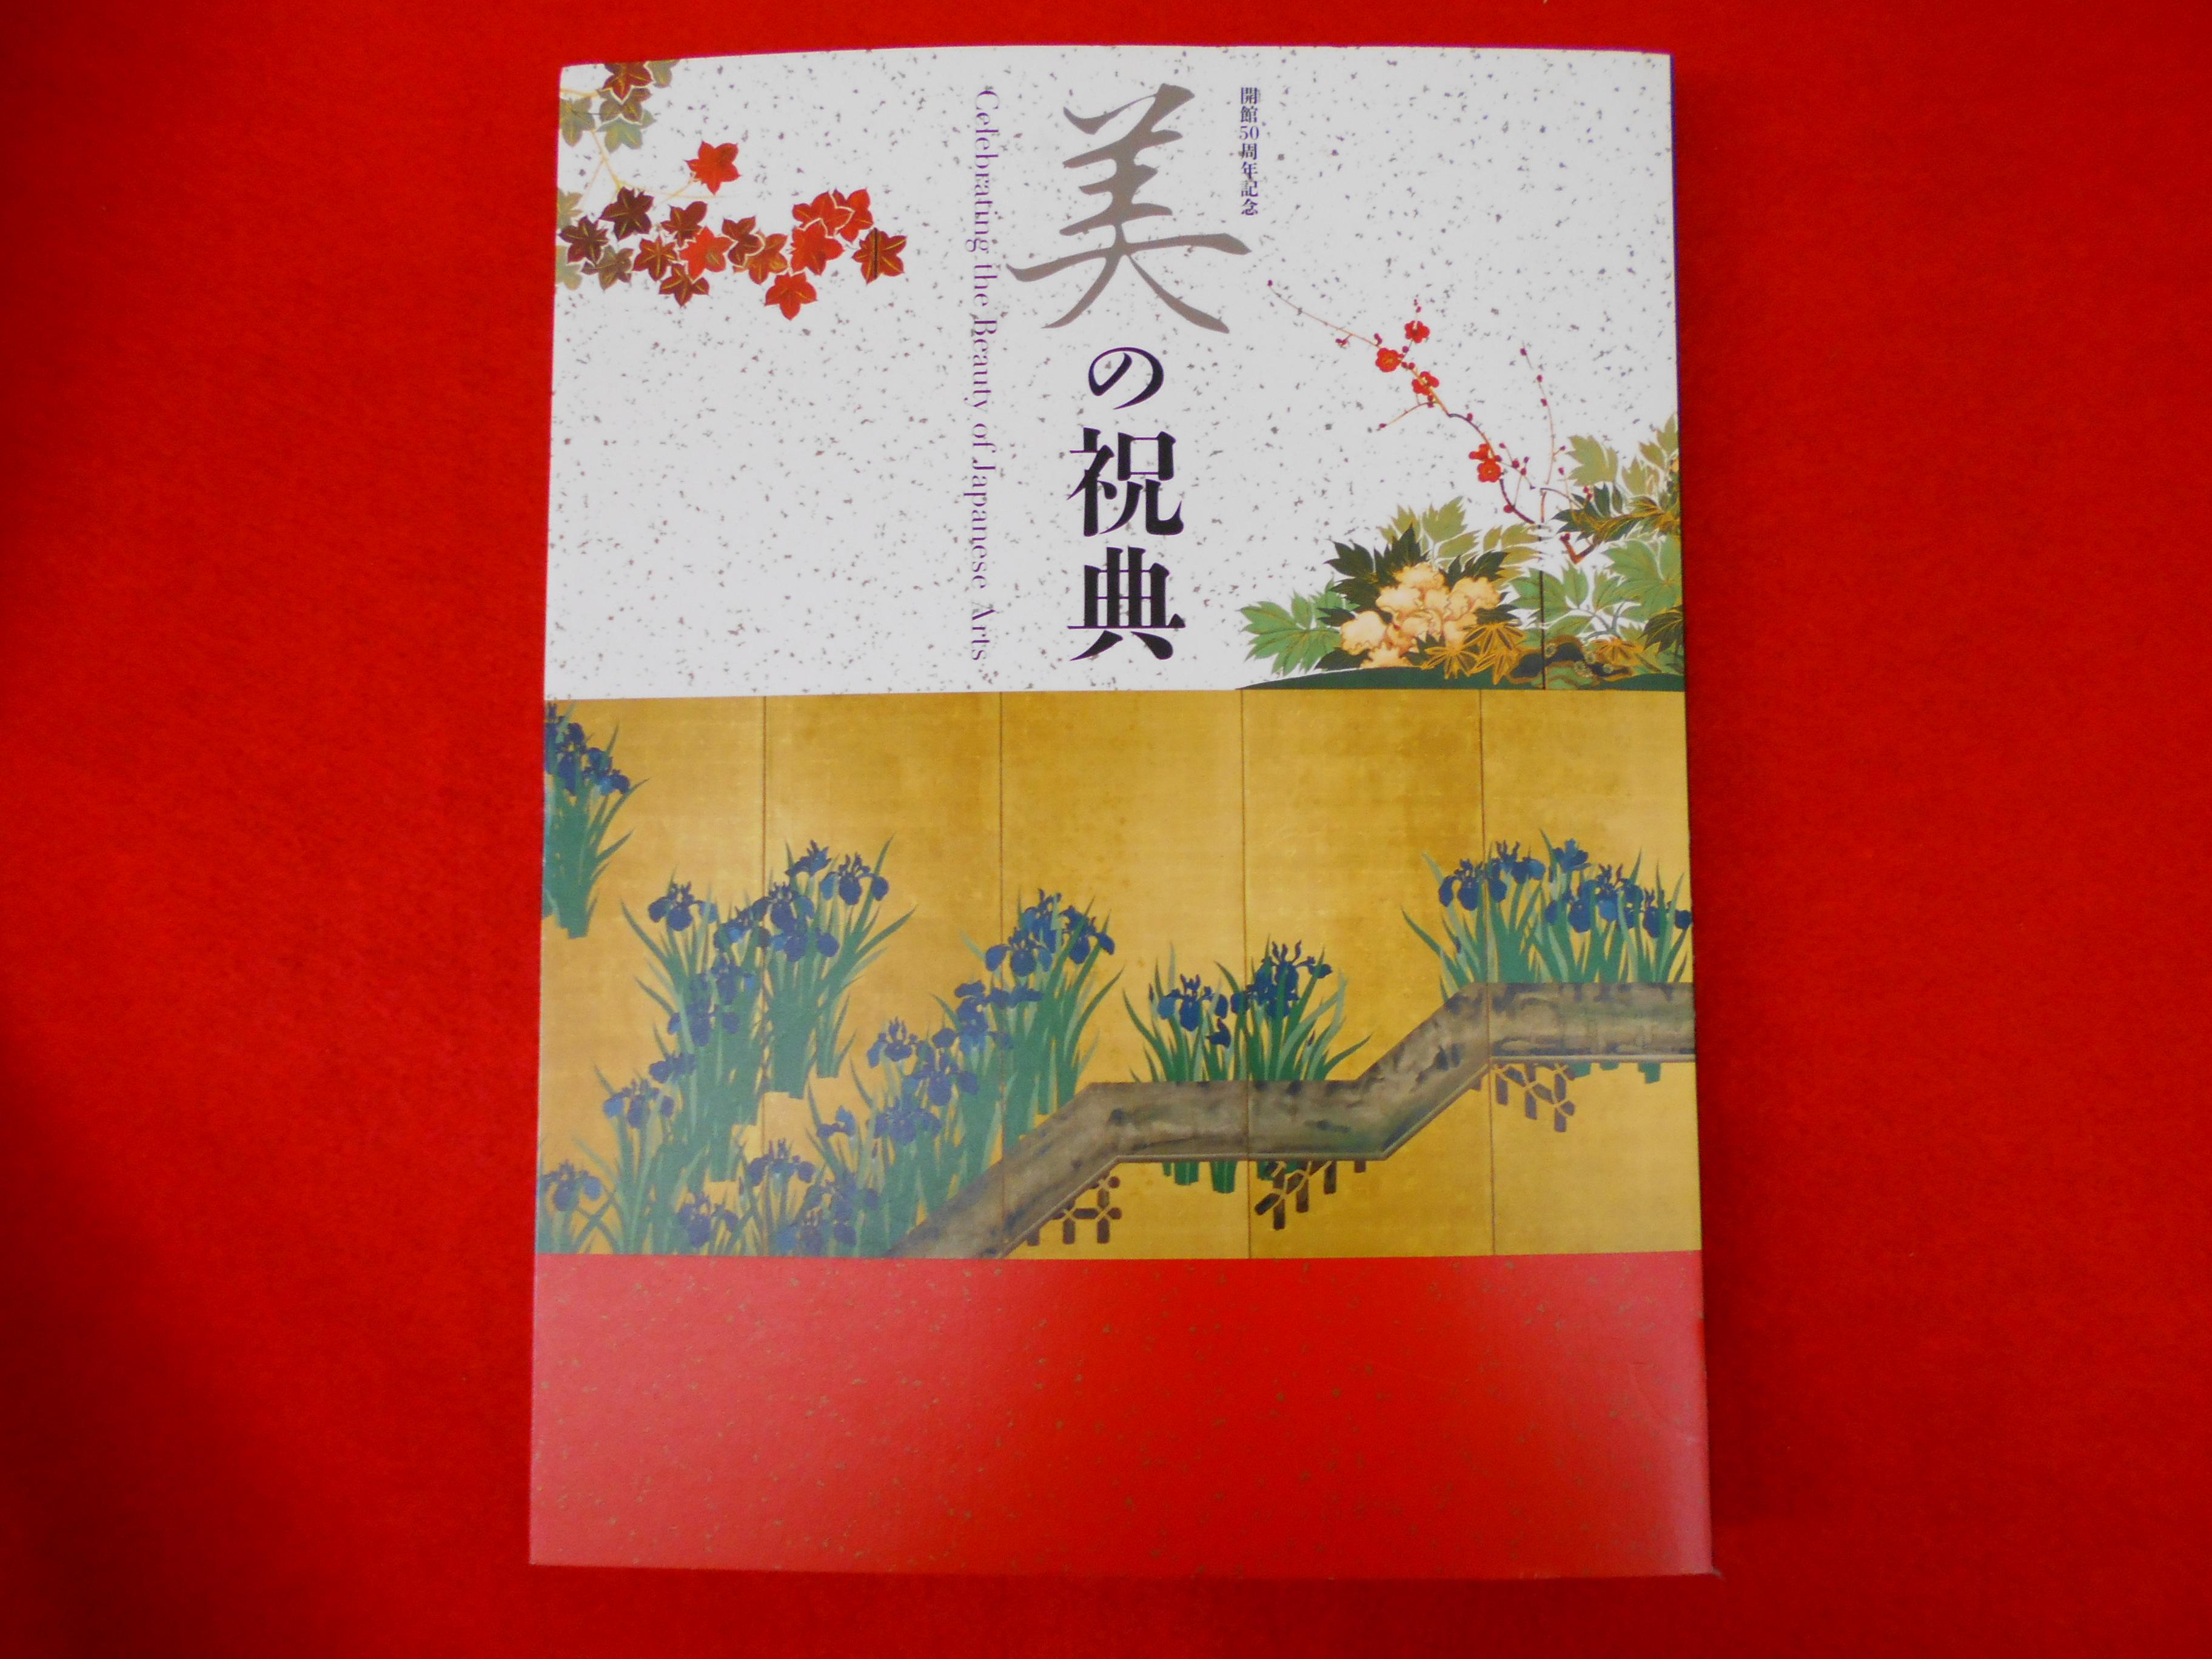 【開館50周年記念 美の祝典】アート・美術館の図録の買取は小川書店へ!の画像